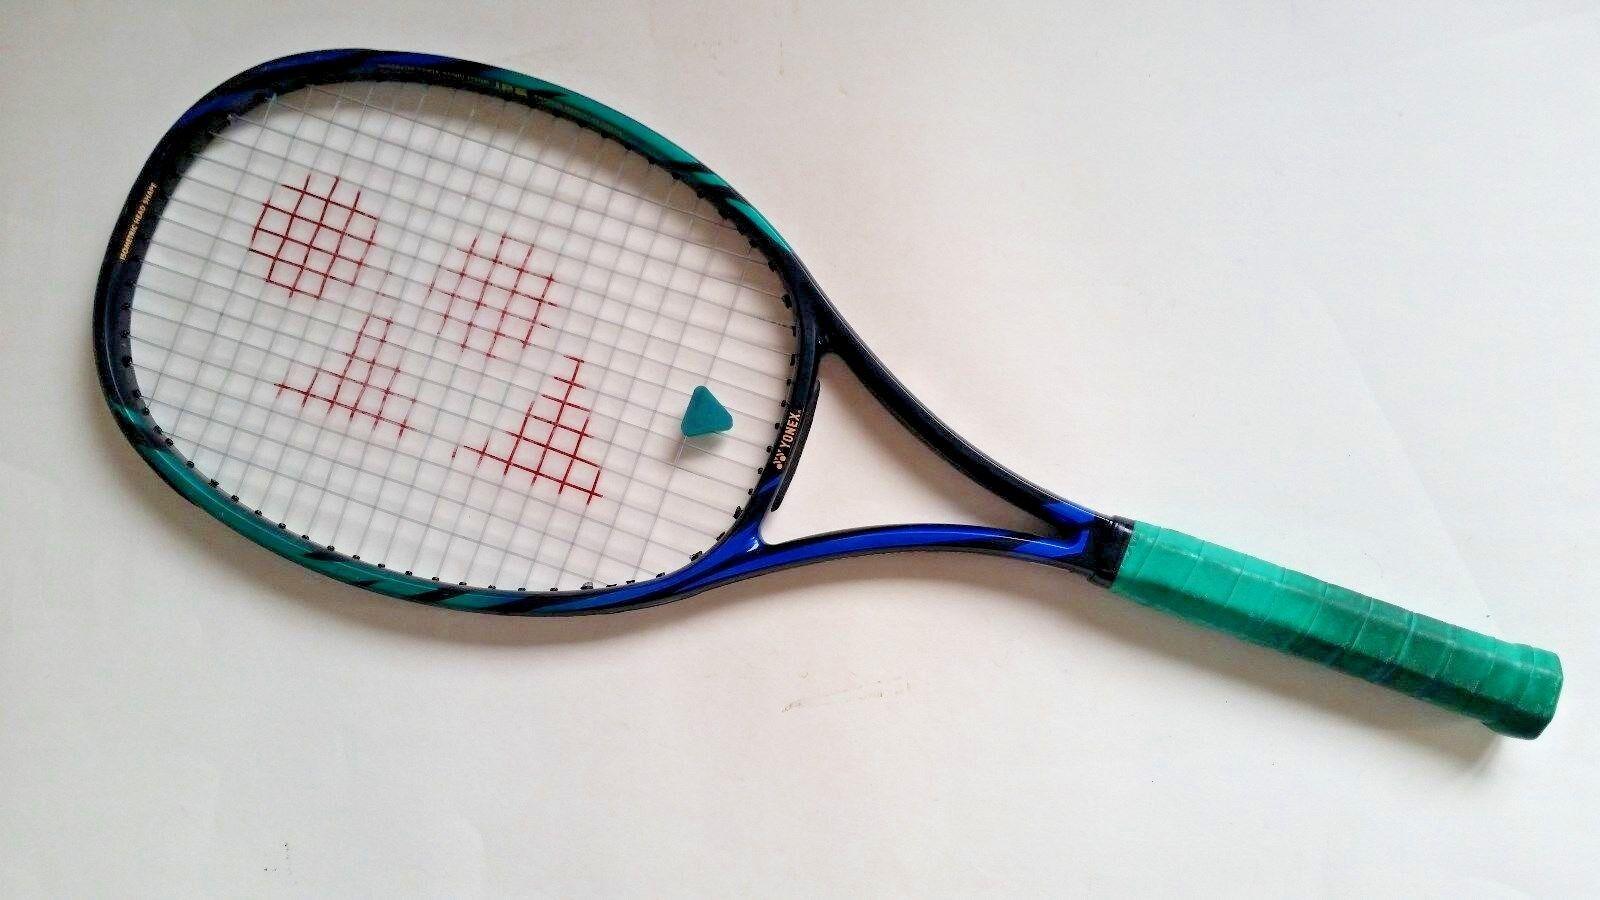 Tennisschläger Yonex RD-8 mit Hülle - SL 3  25-29 kg - Tennis Racquet. 4 3 8